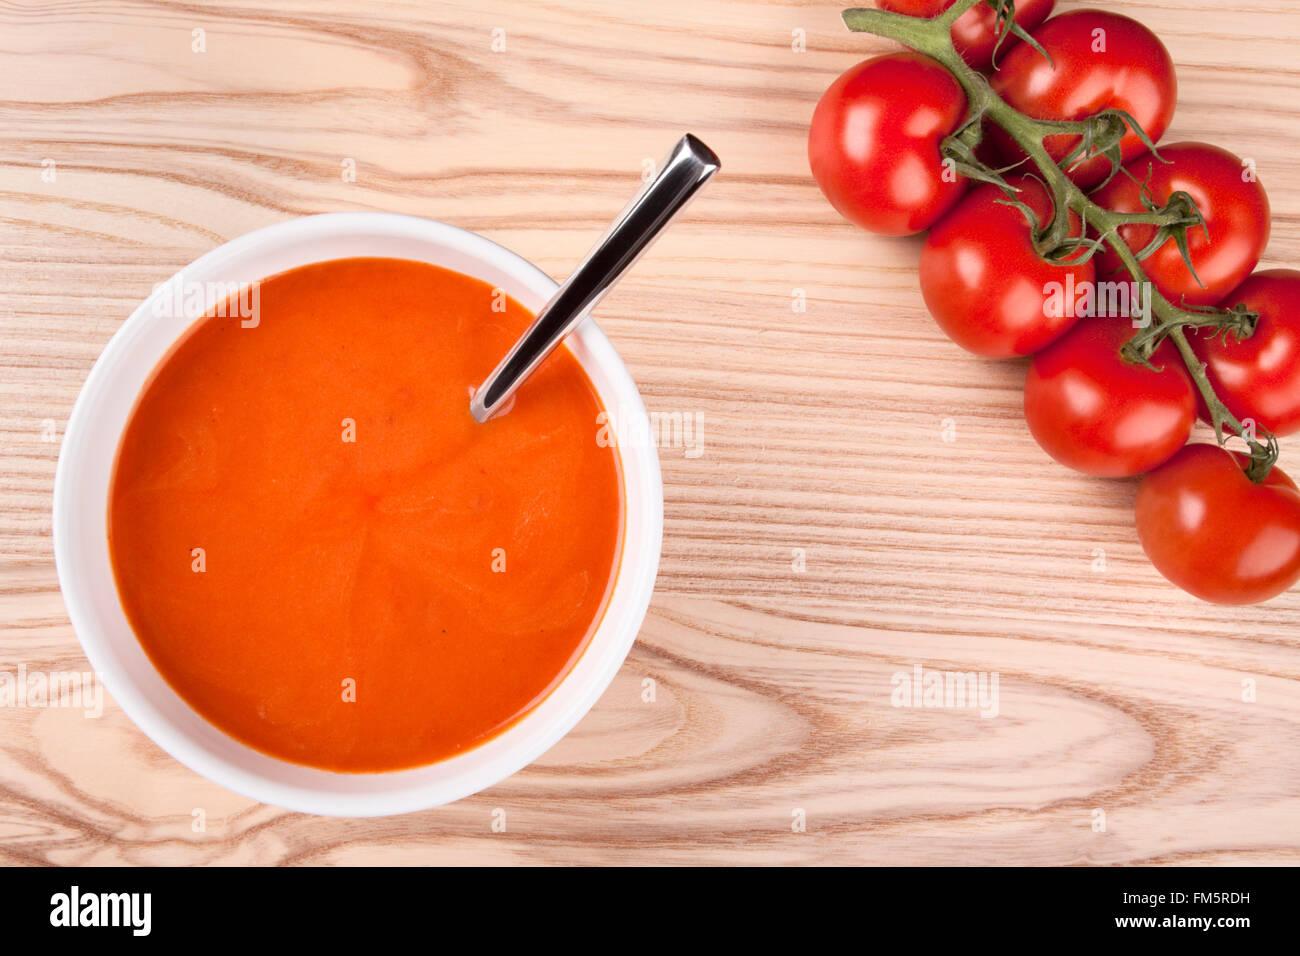 Draufsicht auf eine Schüssel mit Tomatensuppe. Stockbild